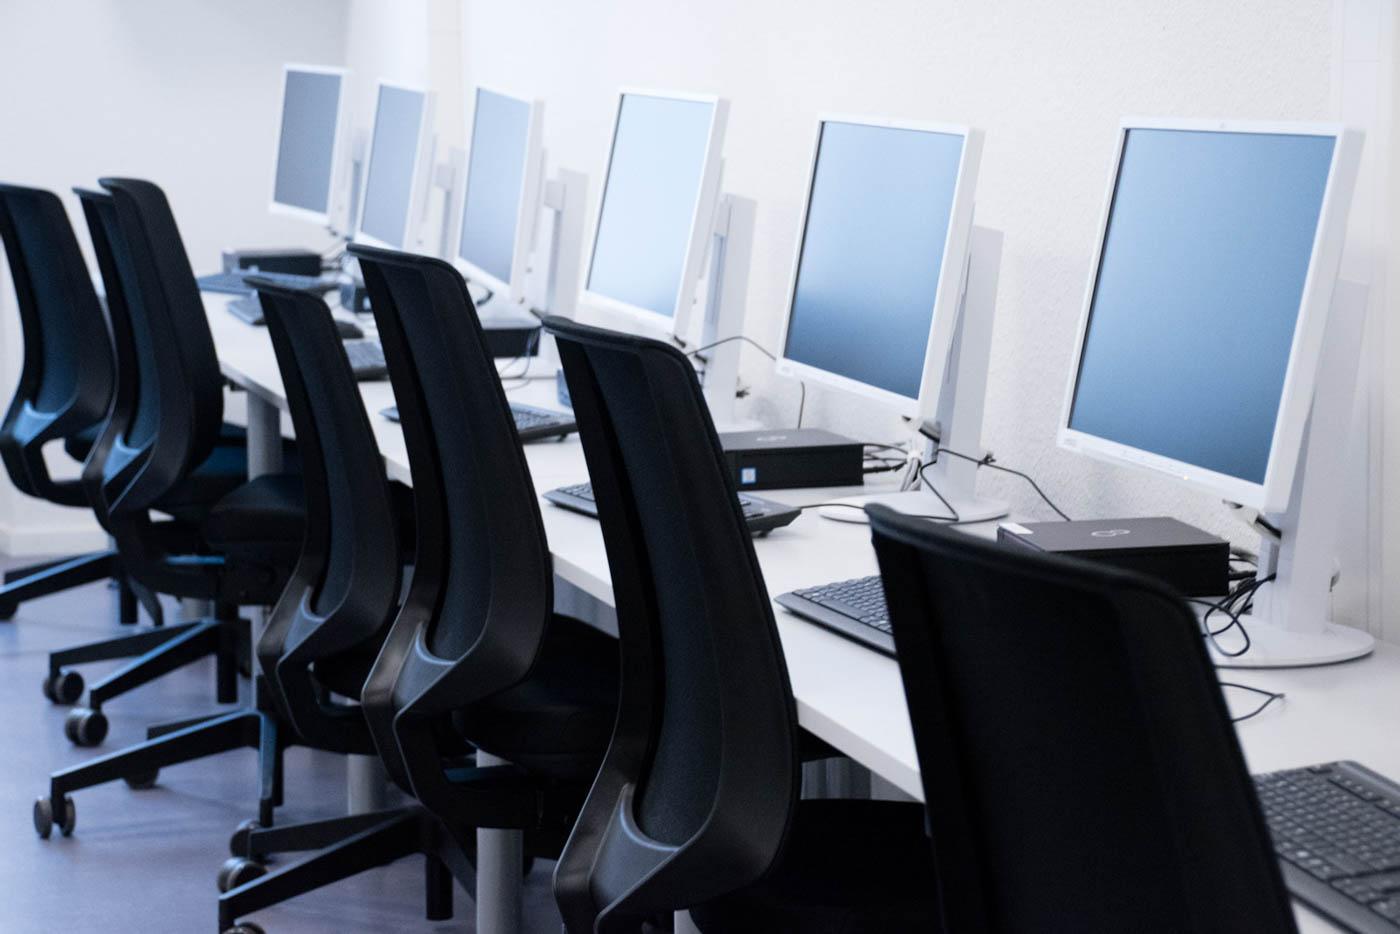 Stuhlreihe mit sechs Bildschirmen